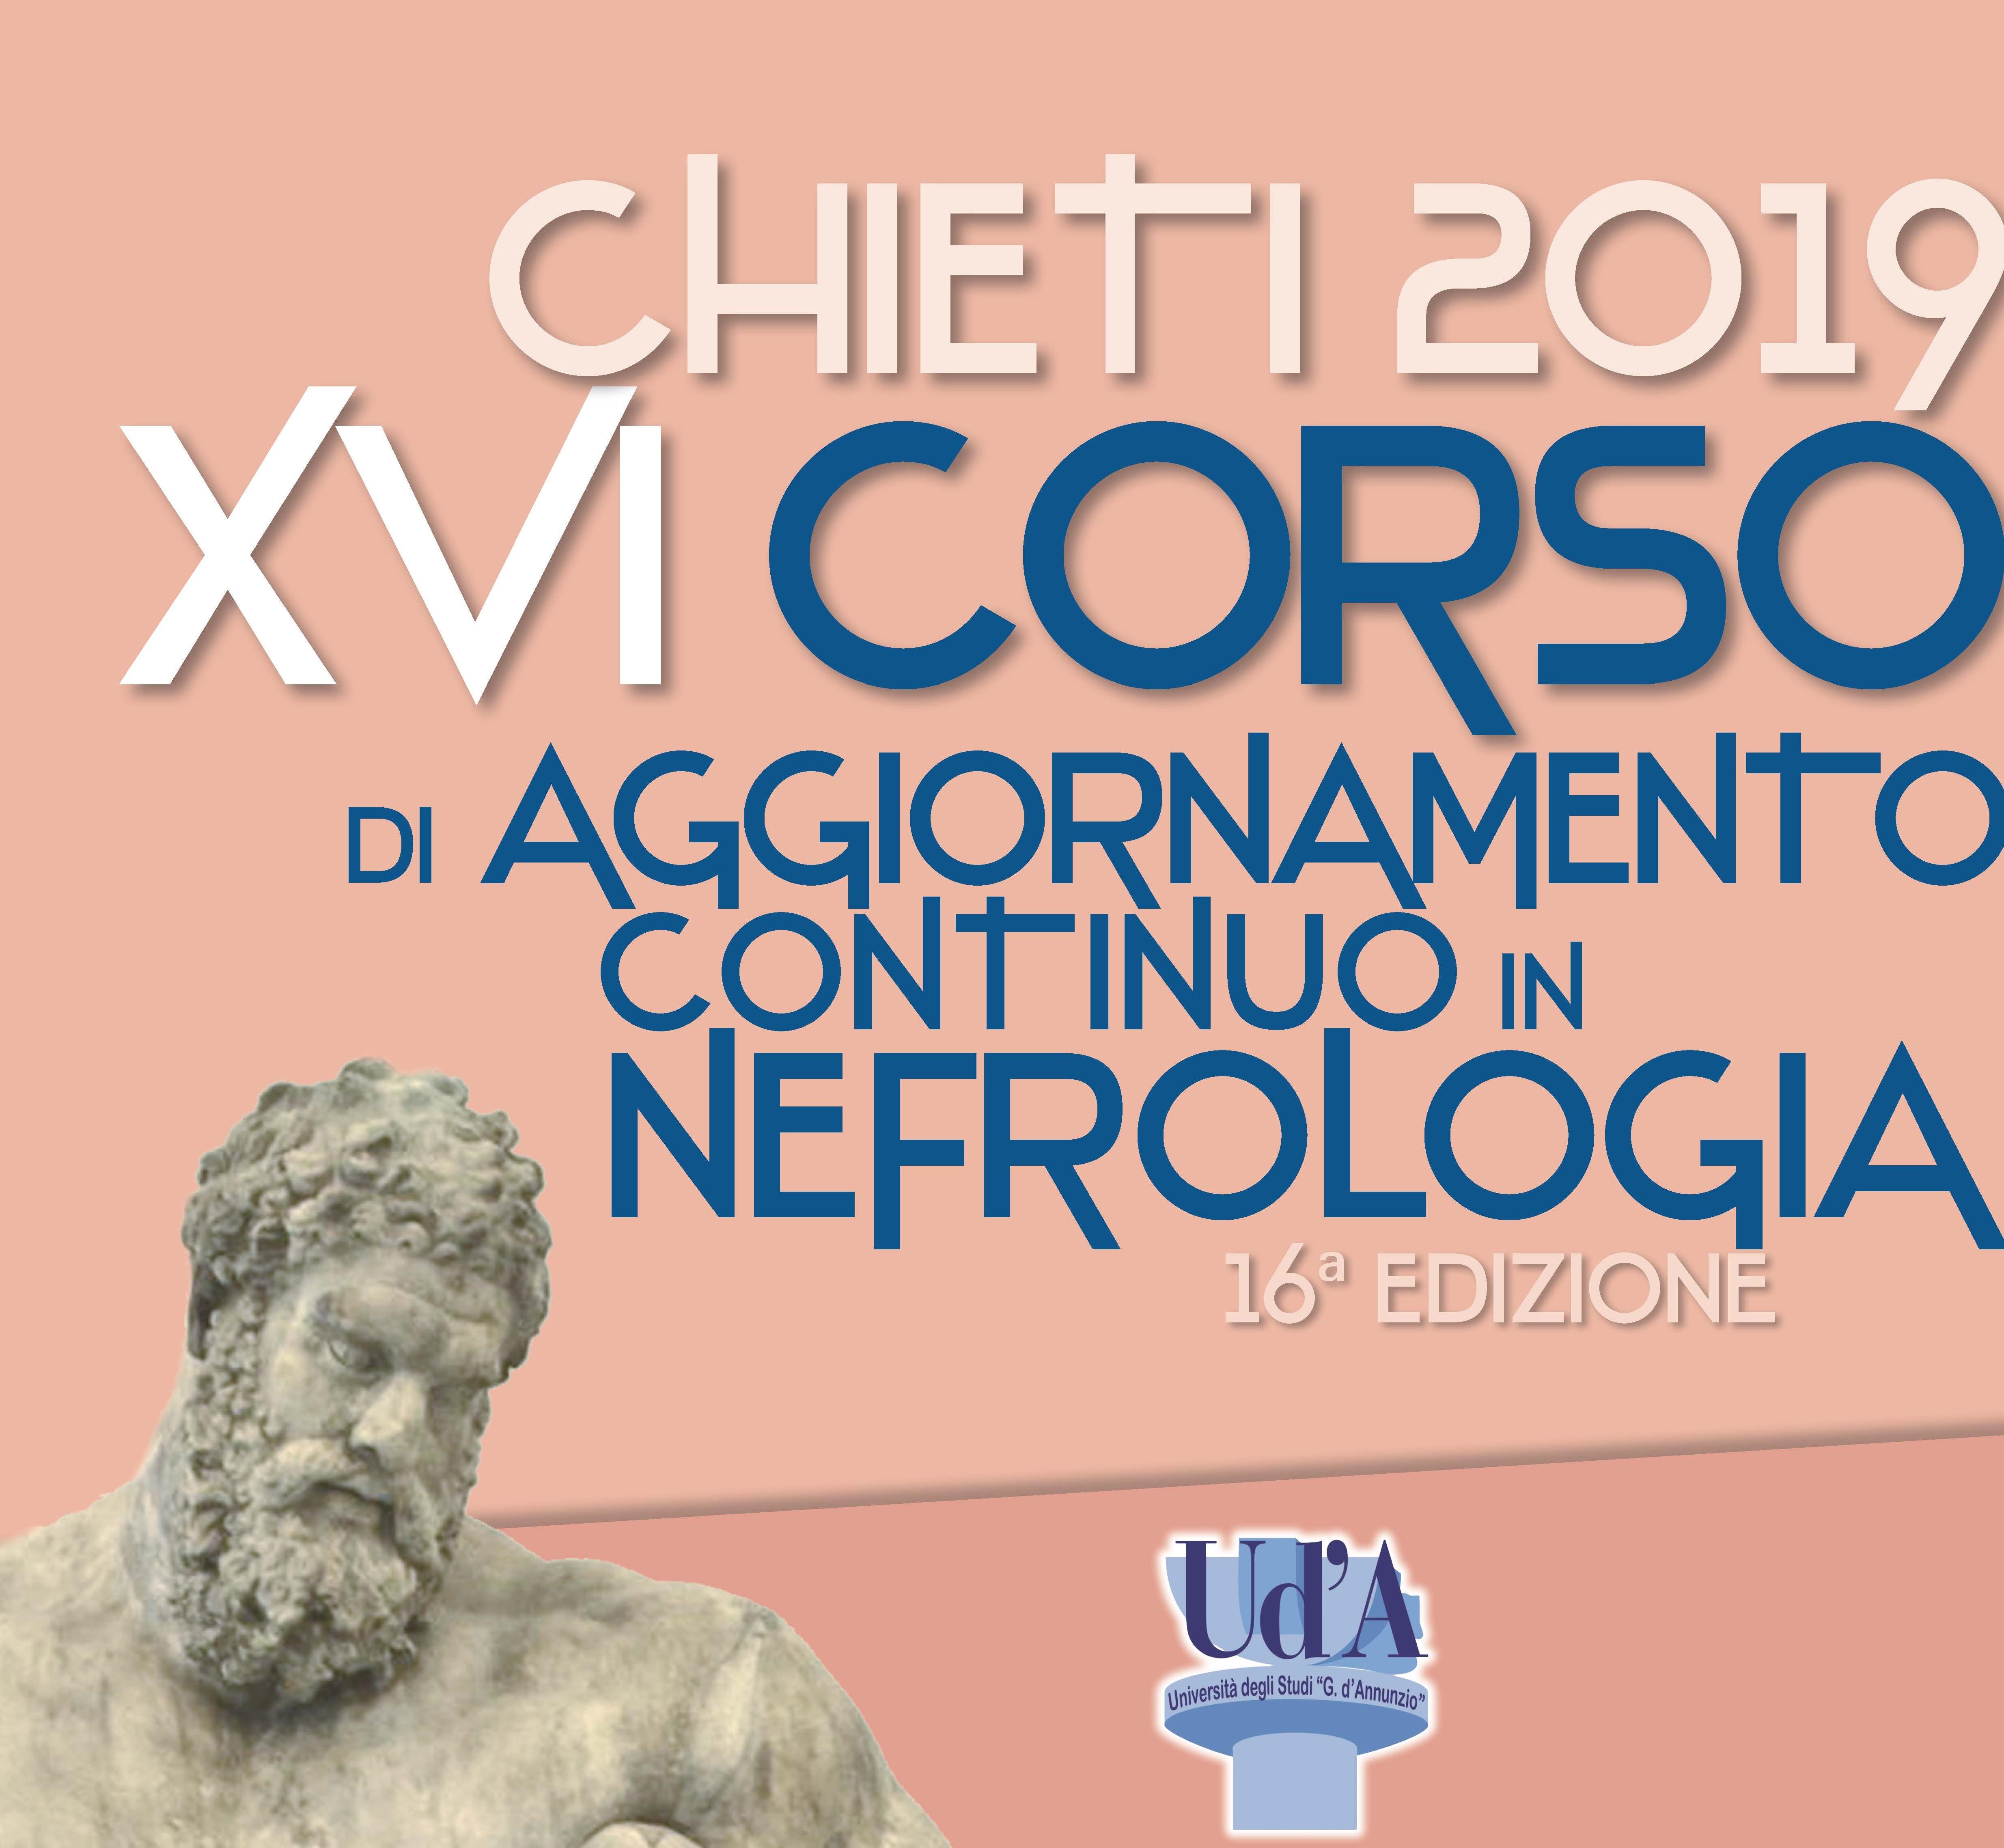 XVI Corso di Aggiornamento Continuo in Nefrologia Chieti 2019